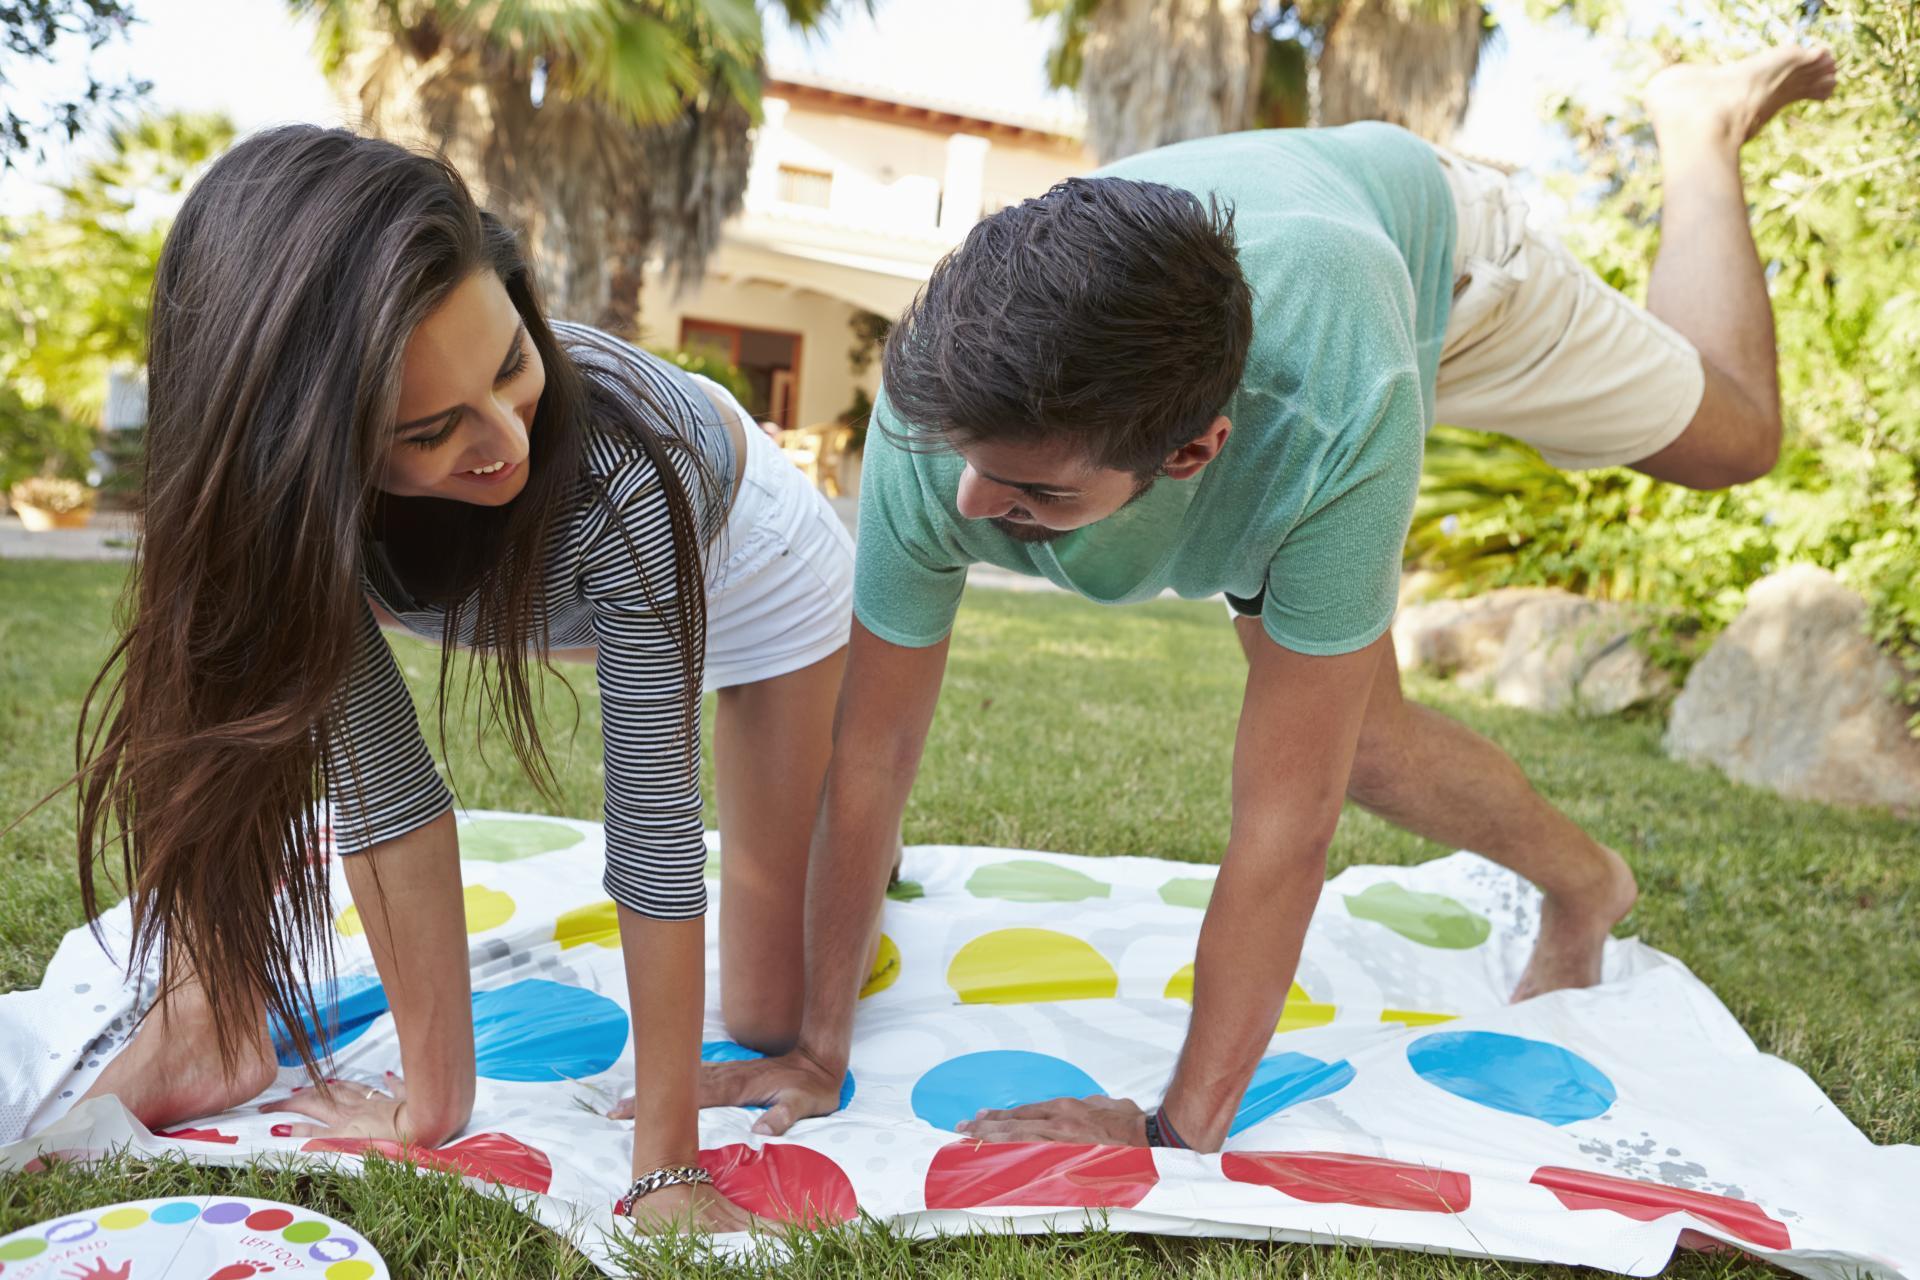 Zabavne stvari koje možete raditi zajedno • Bakini savjeti